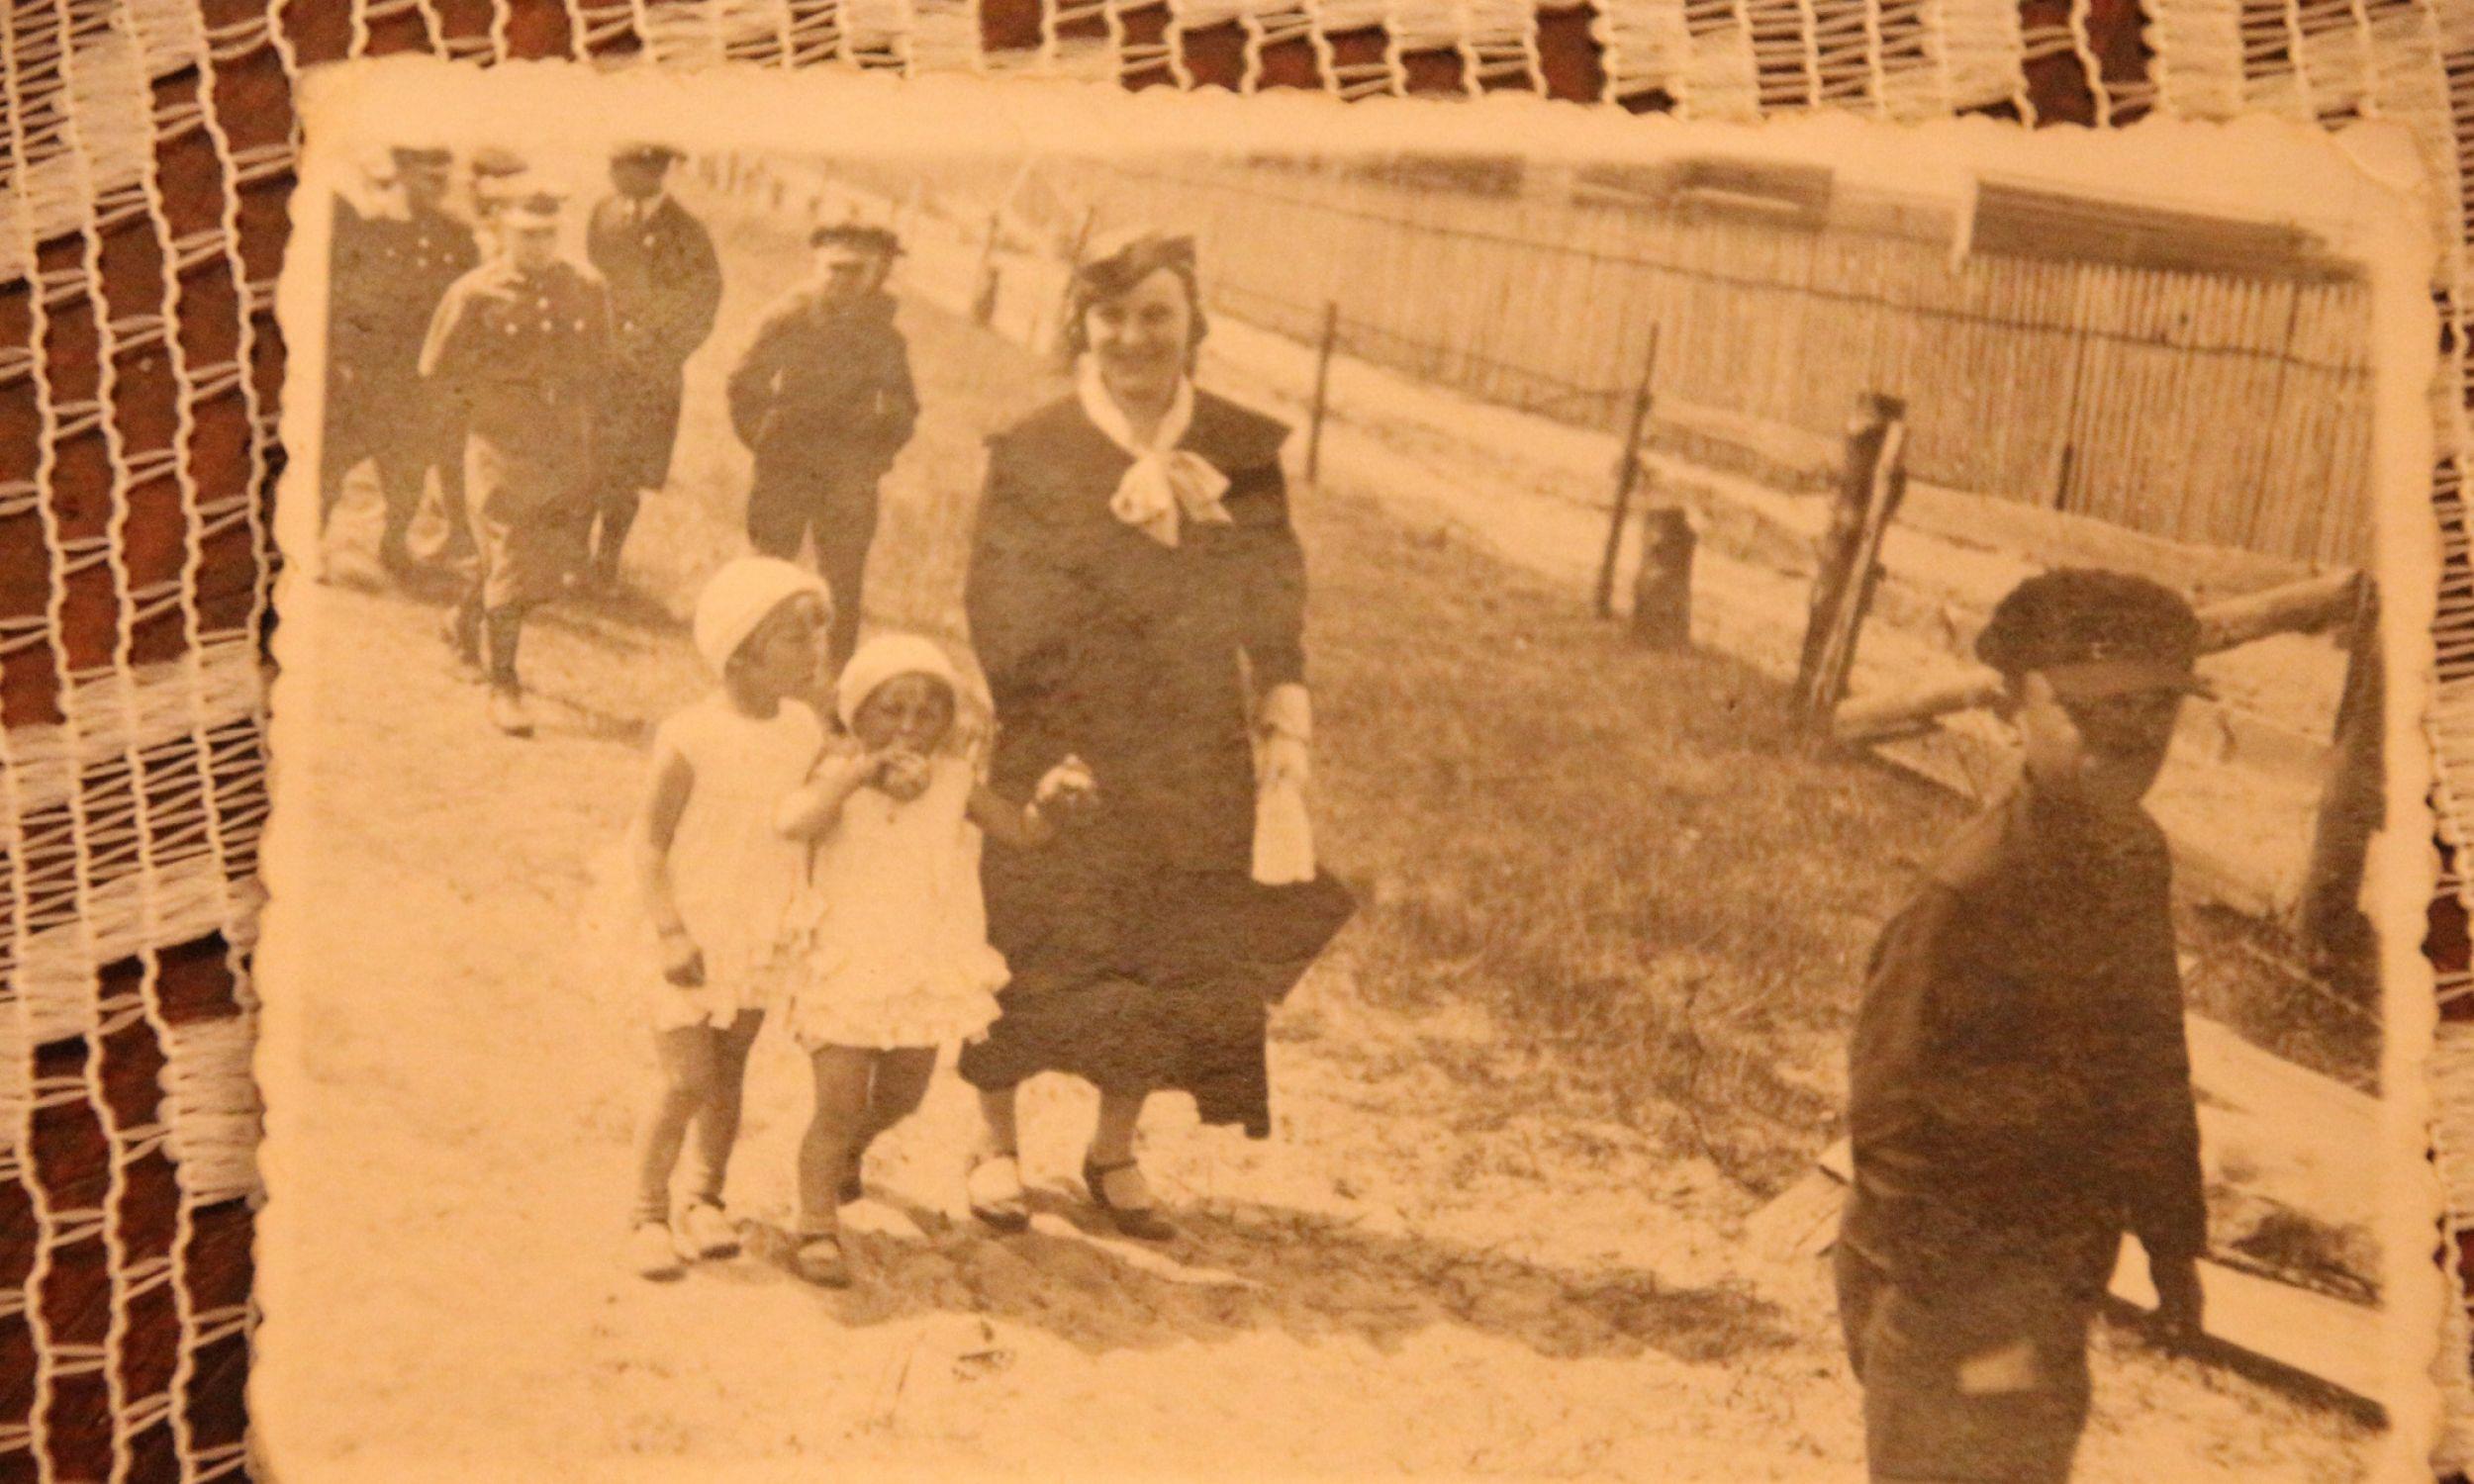 Rok 1937. Anna Gorodziejko z córkami Zosią i Marysią wraca z kościoła w Świętej Woli. Fot. Archiwum prywatne